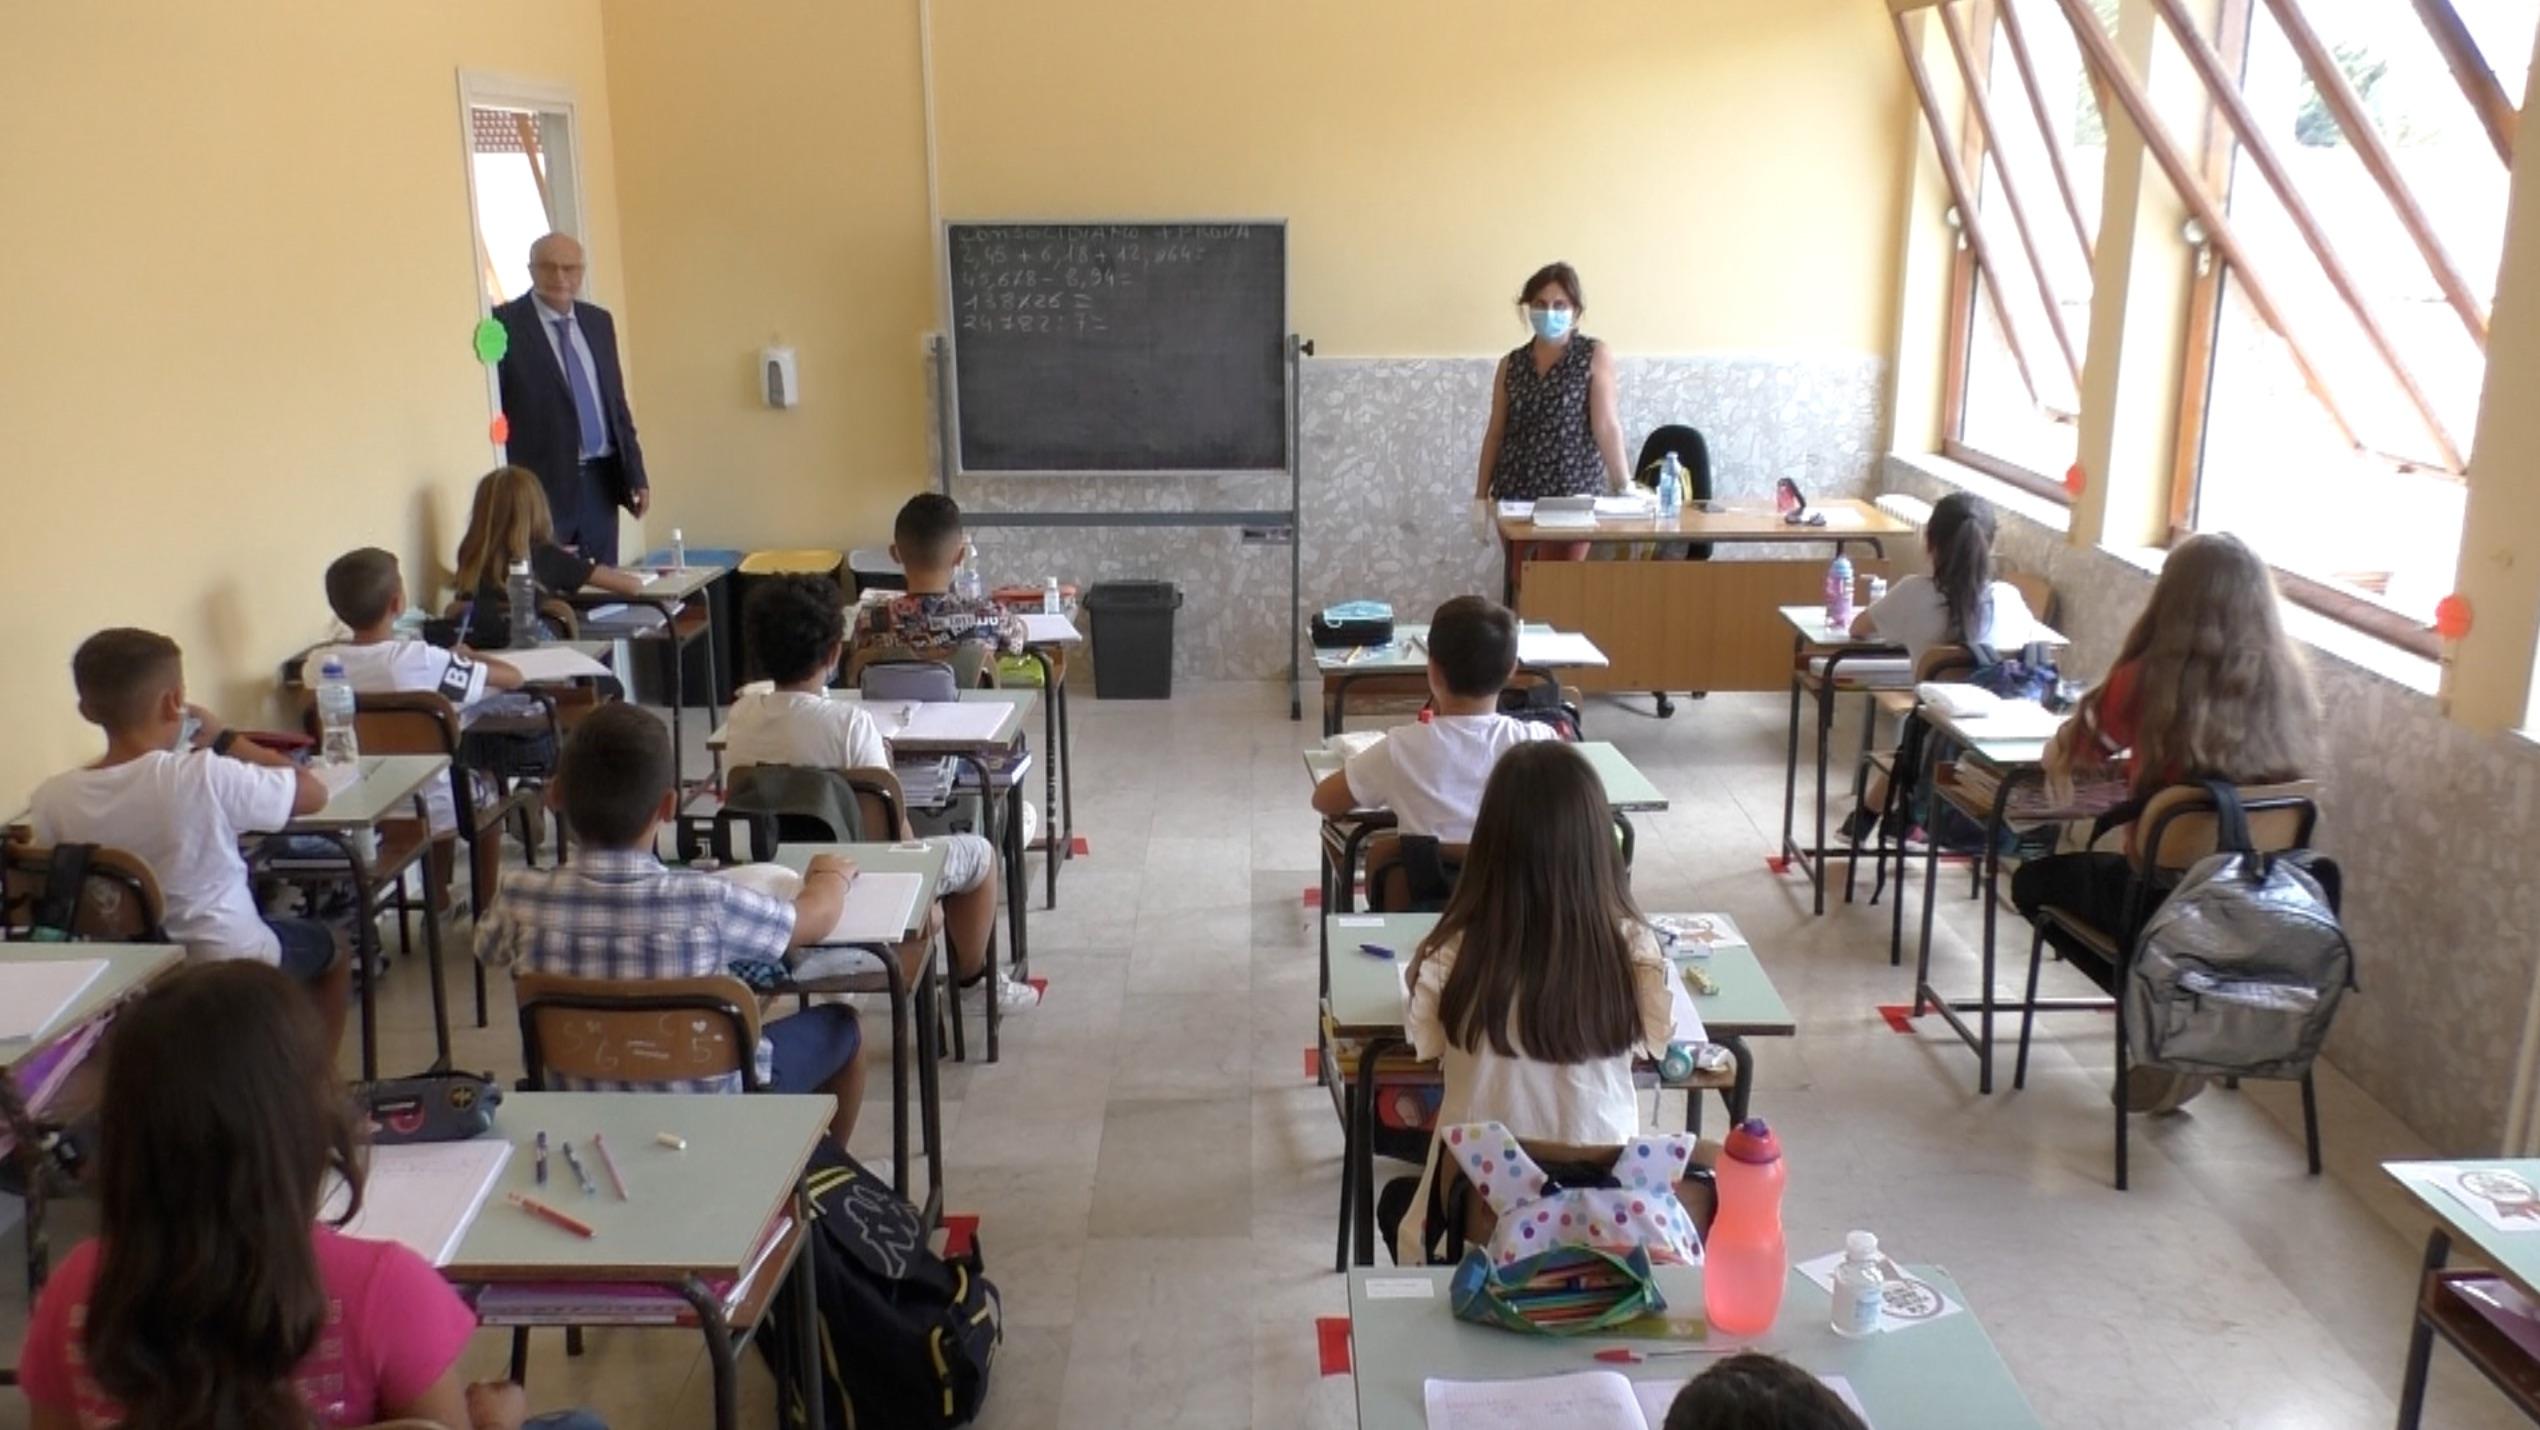 Riapertura scuole, Siderno gioca d'anticipo. Alunni oggi in aula alle elementari